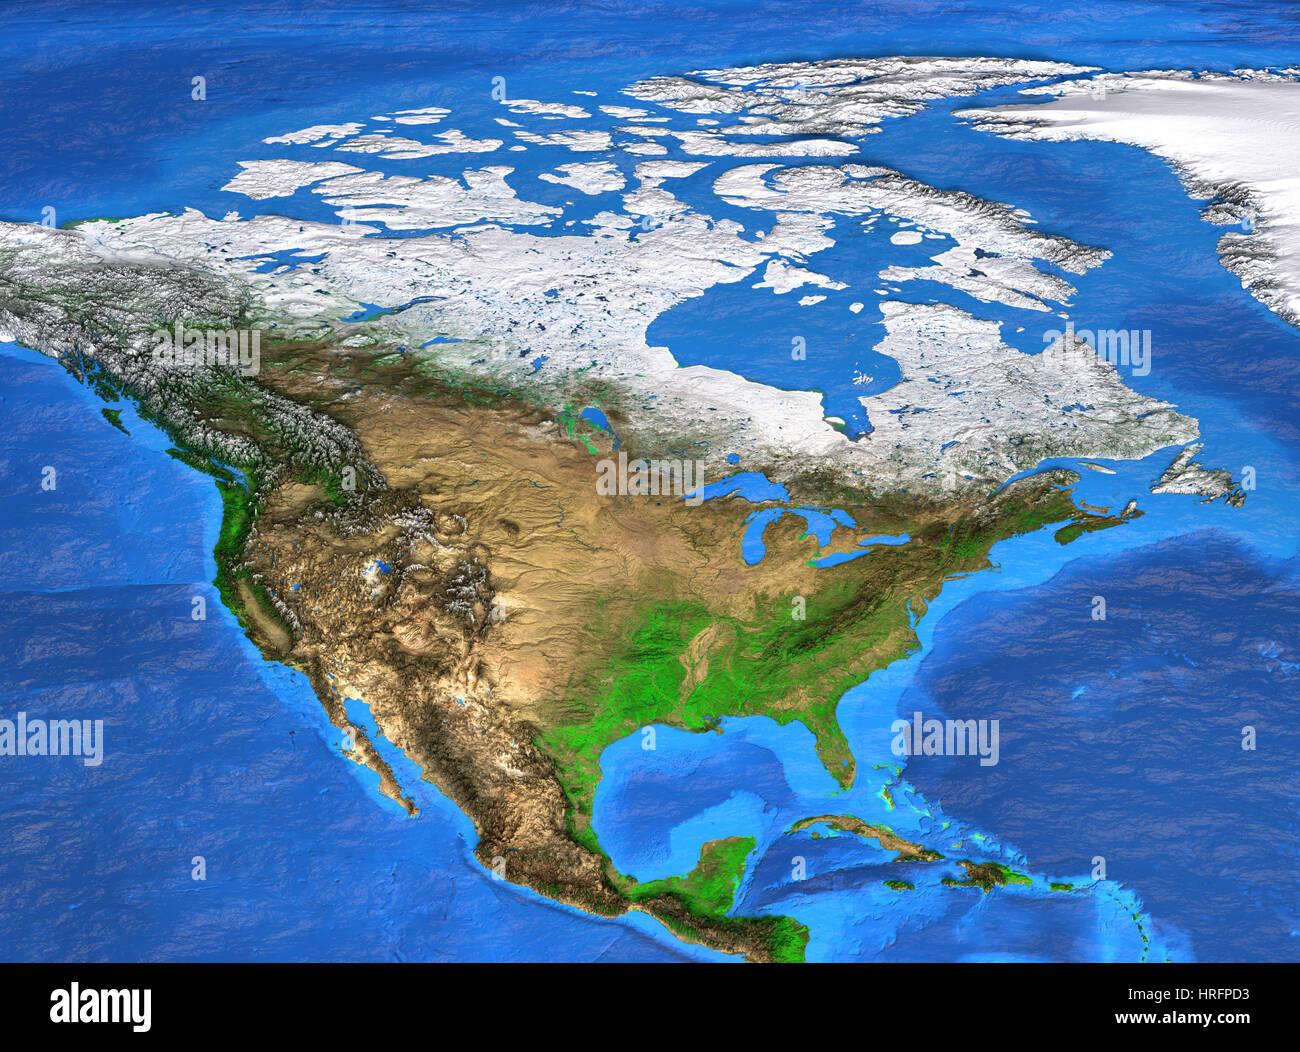 Carte Relief Amerique Du Nord.Vue Detaillee De La Terre Et De Son Relief La Carte De L